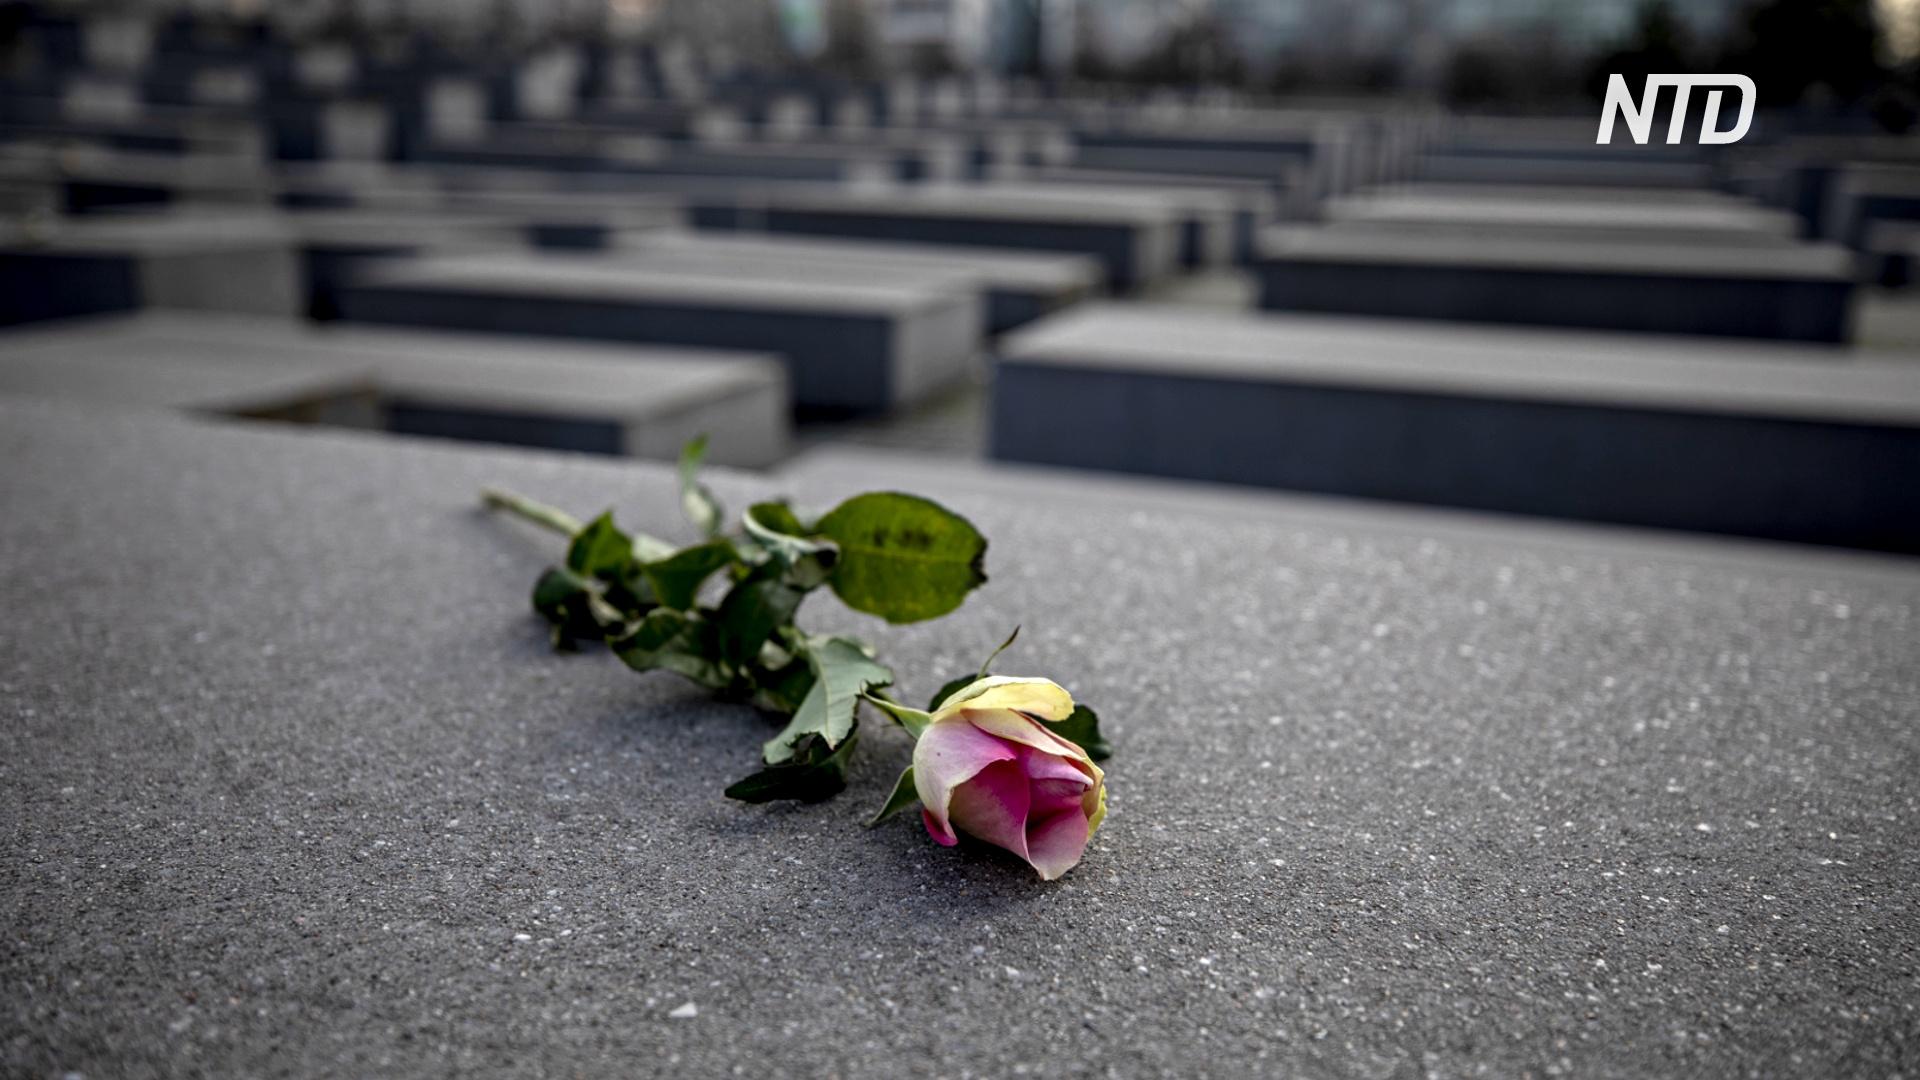 76-ю годовщину освобождения Освенцима отмечают онлайн из-за пандемии